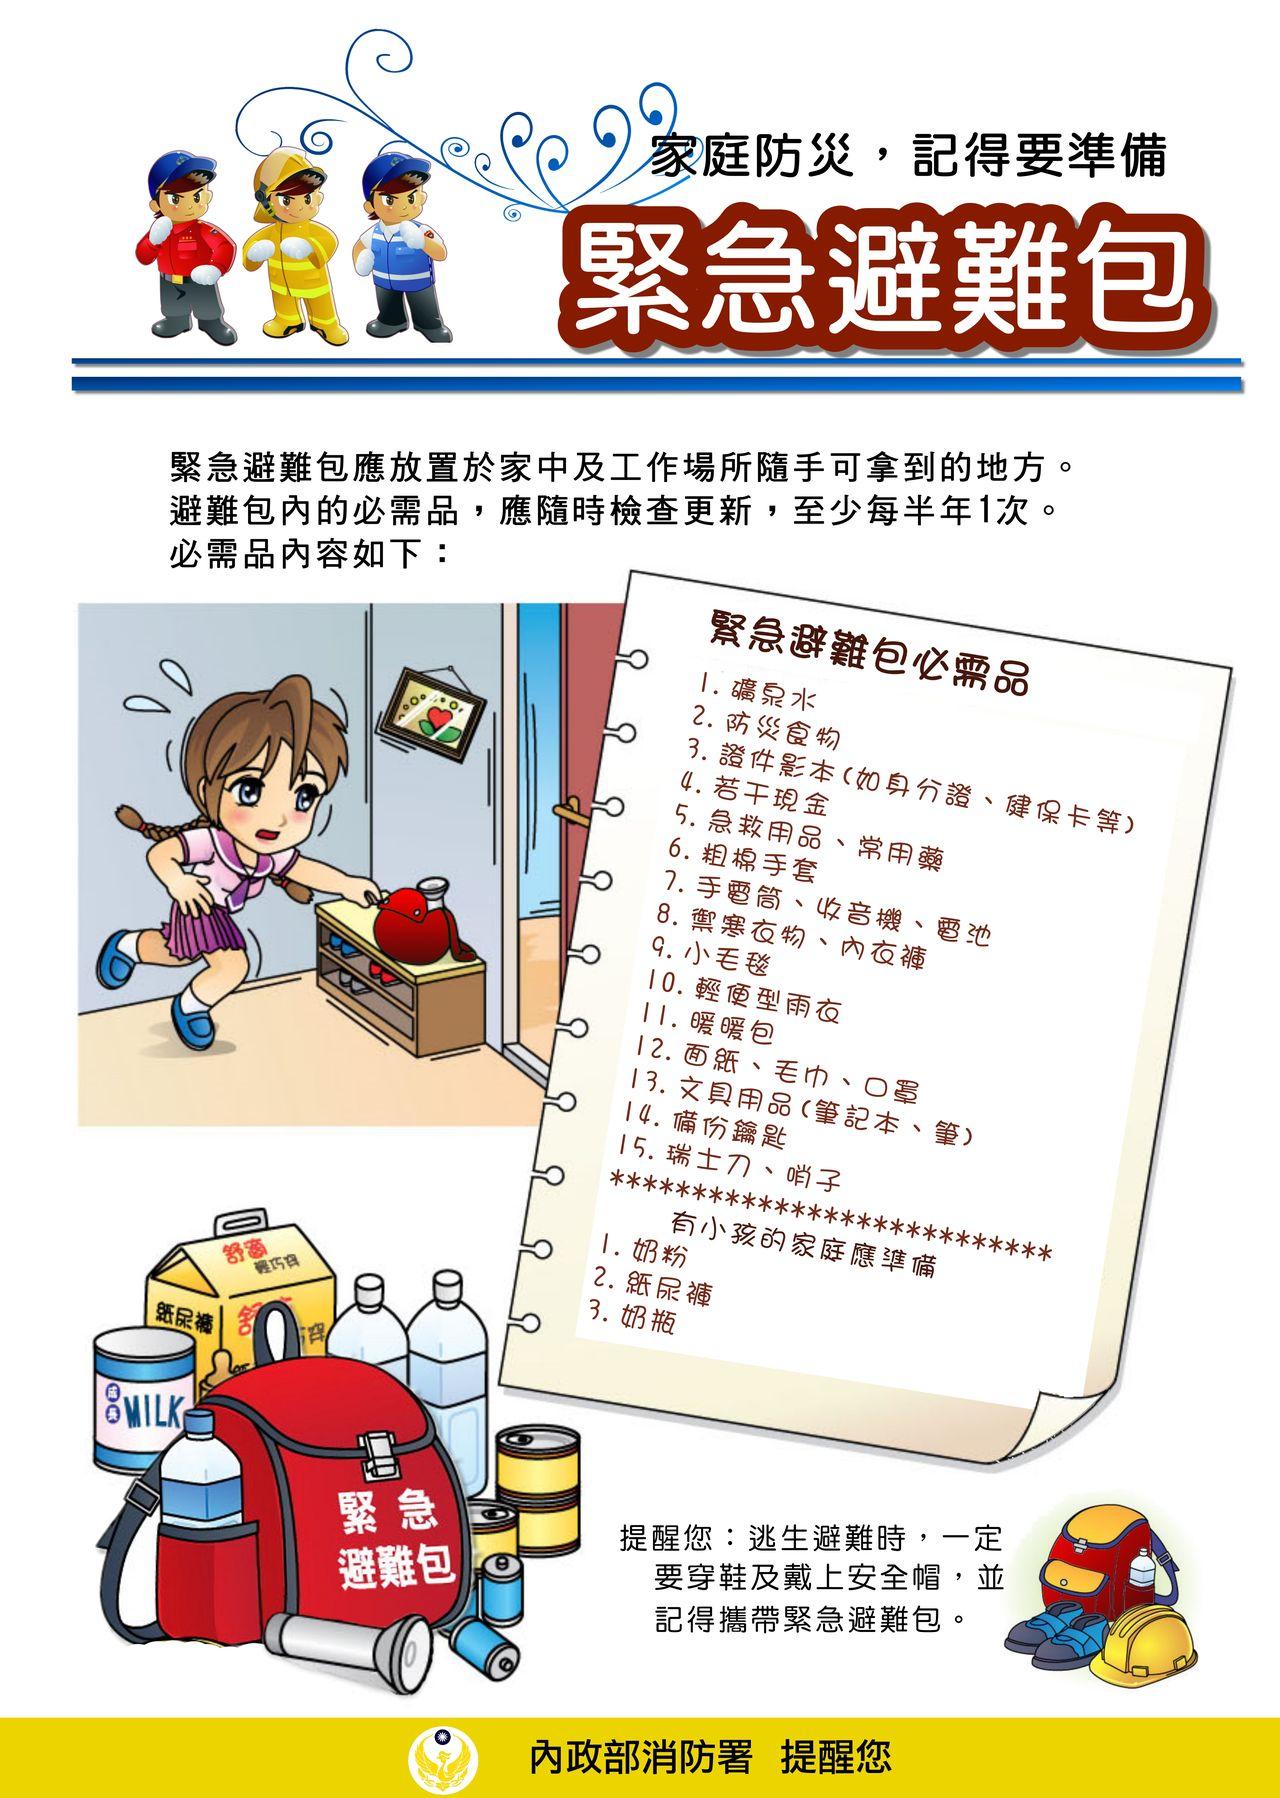 地震包要準備什麼 放哪些東西與內容物